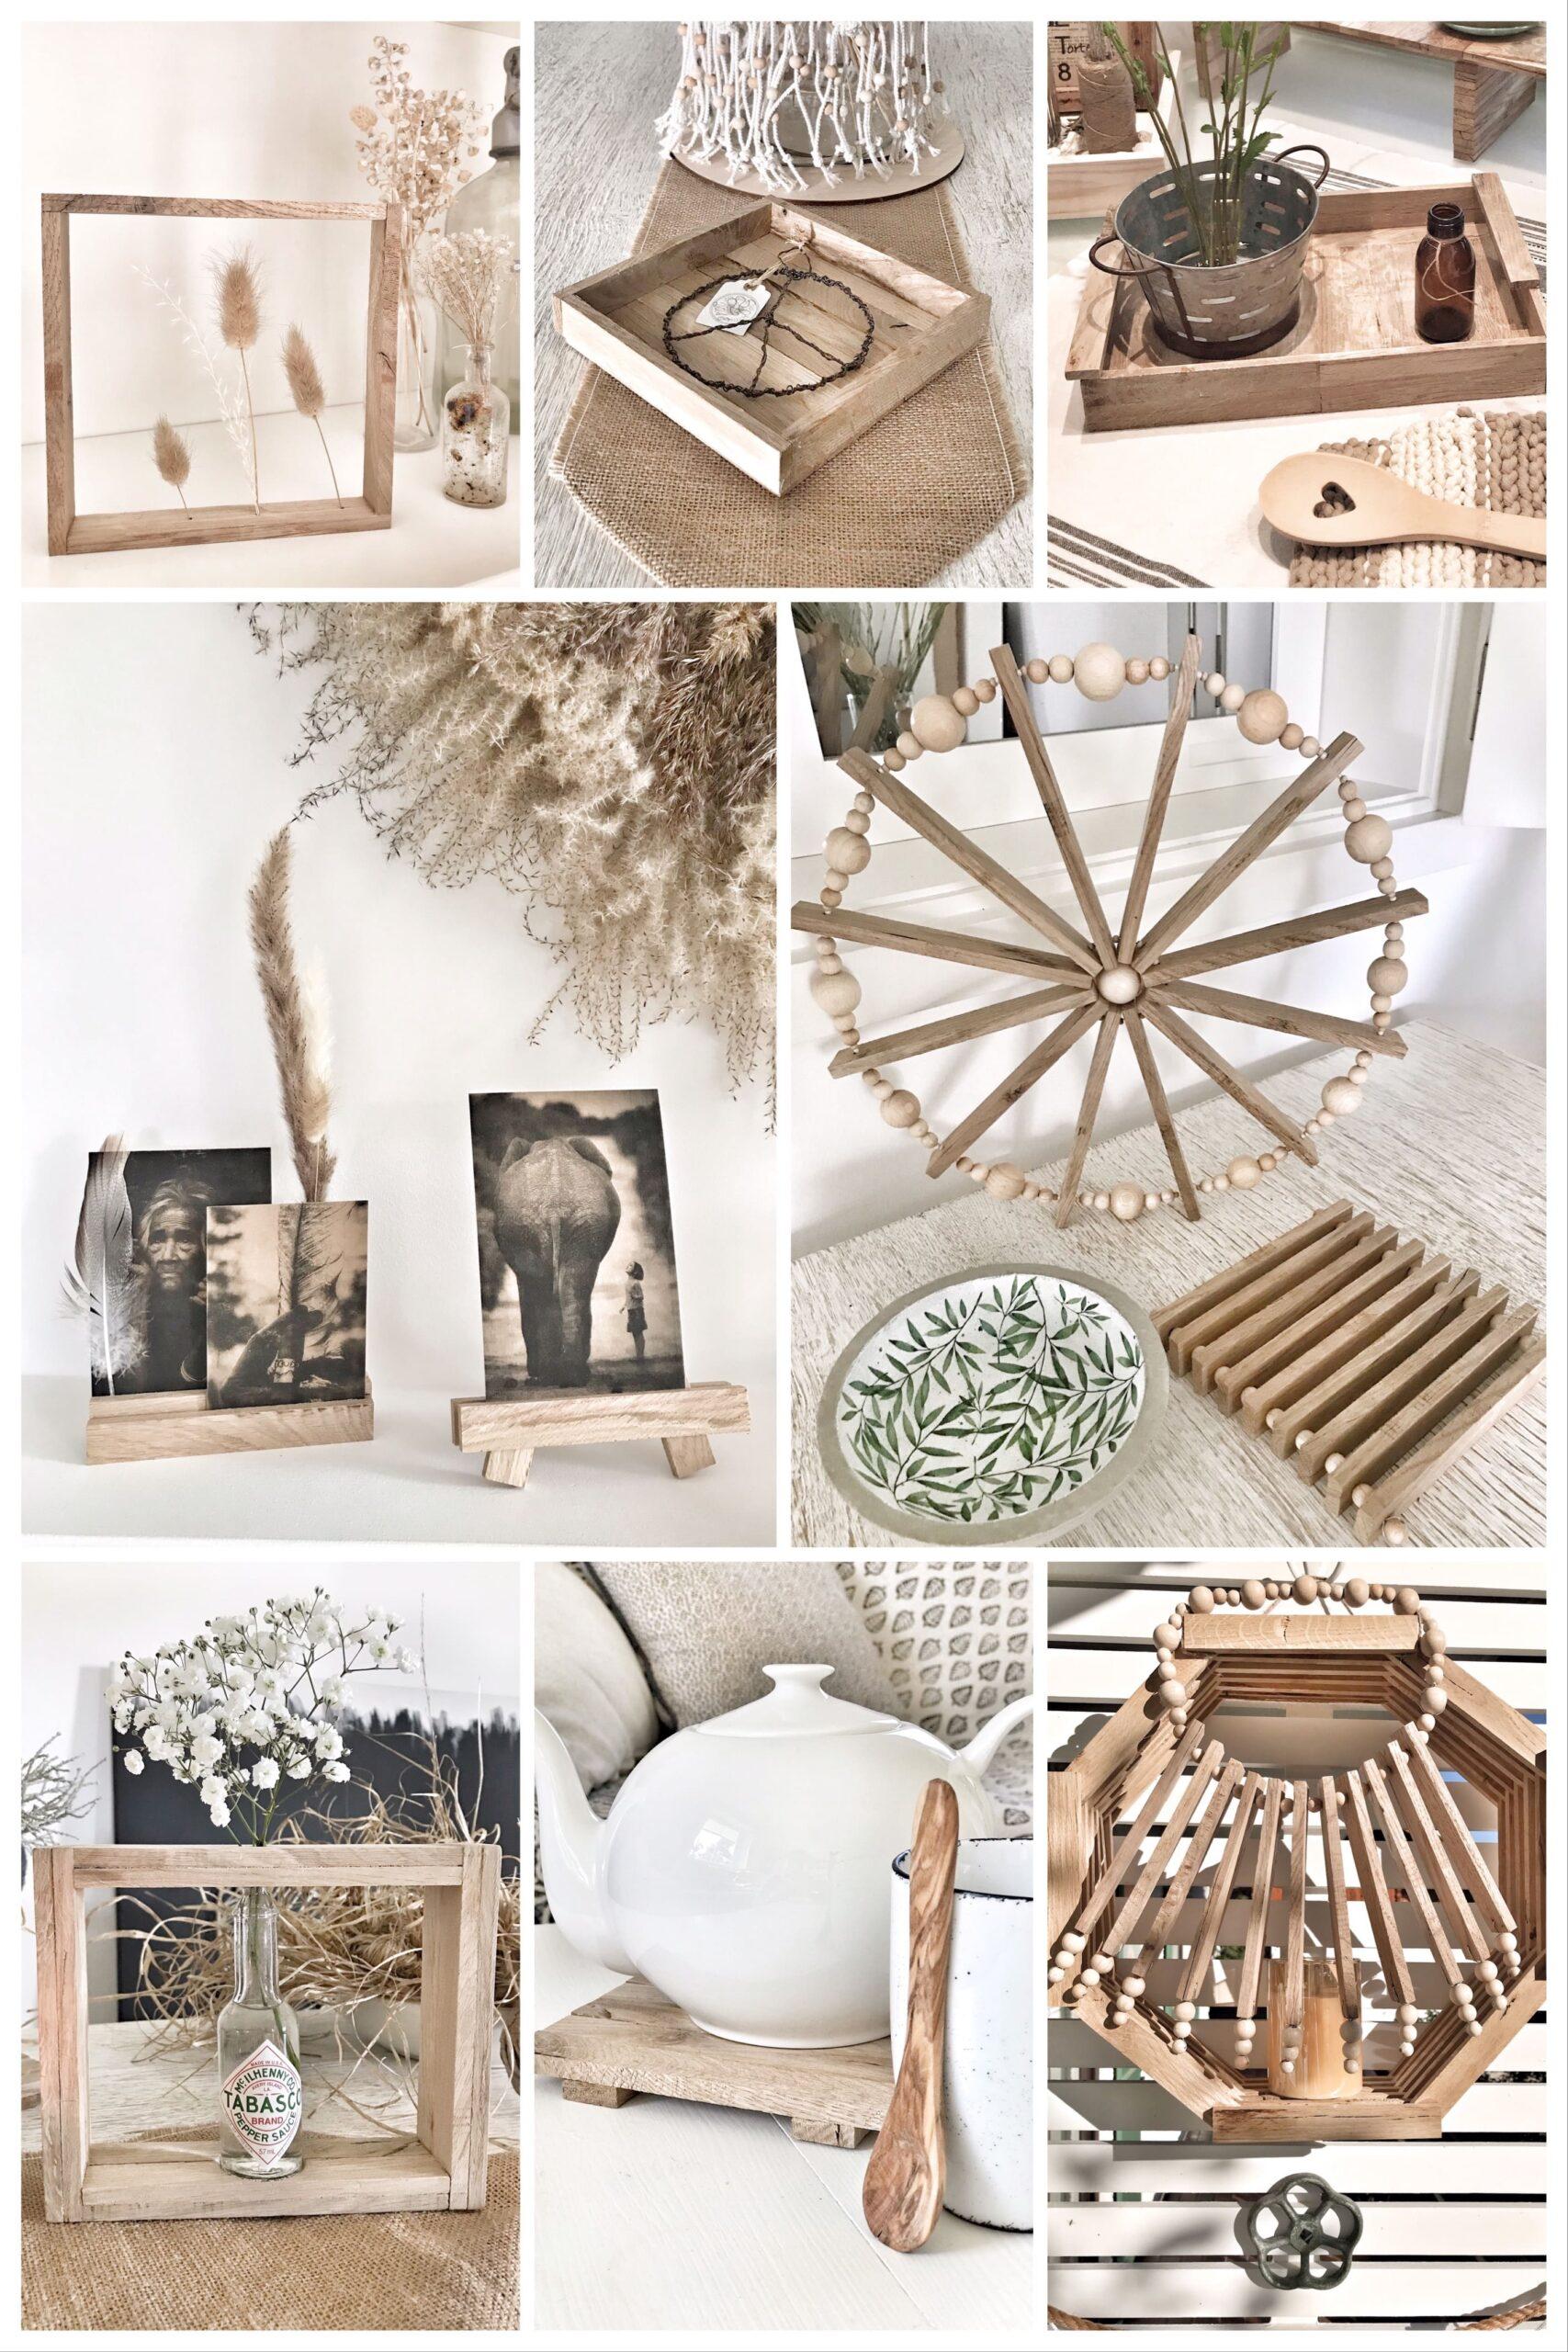 Basteln mit Holz Klötzchen, die auch bekannt sind als: Anzündholz, Anmachholz, Anfeuerholz, Bastelholz oder Stäbchenparkett. #chalet8 #lichthaus #klötzchen #bastelholz #anzündholz #dekohaus